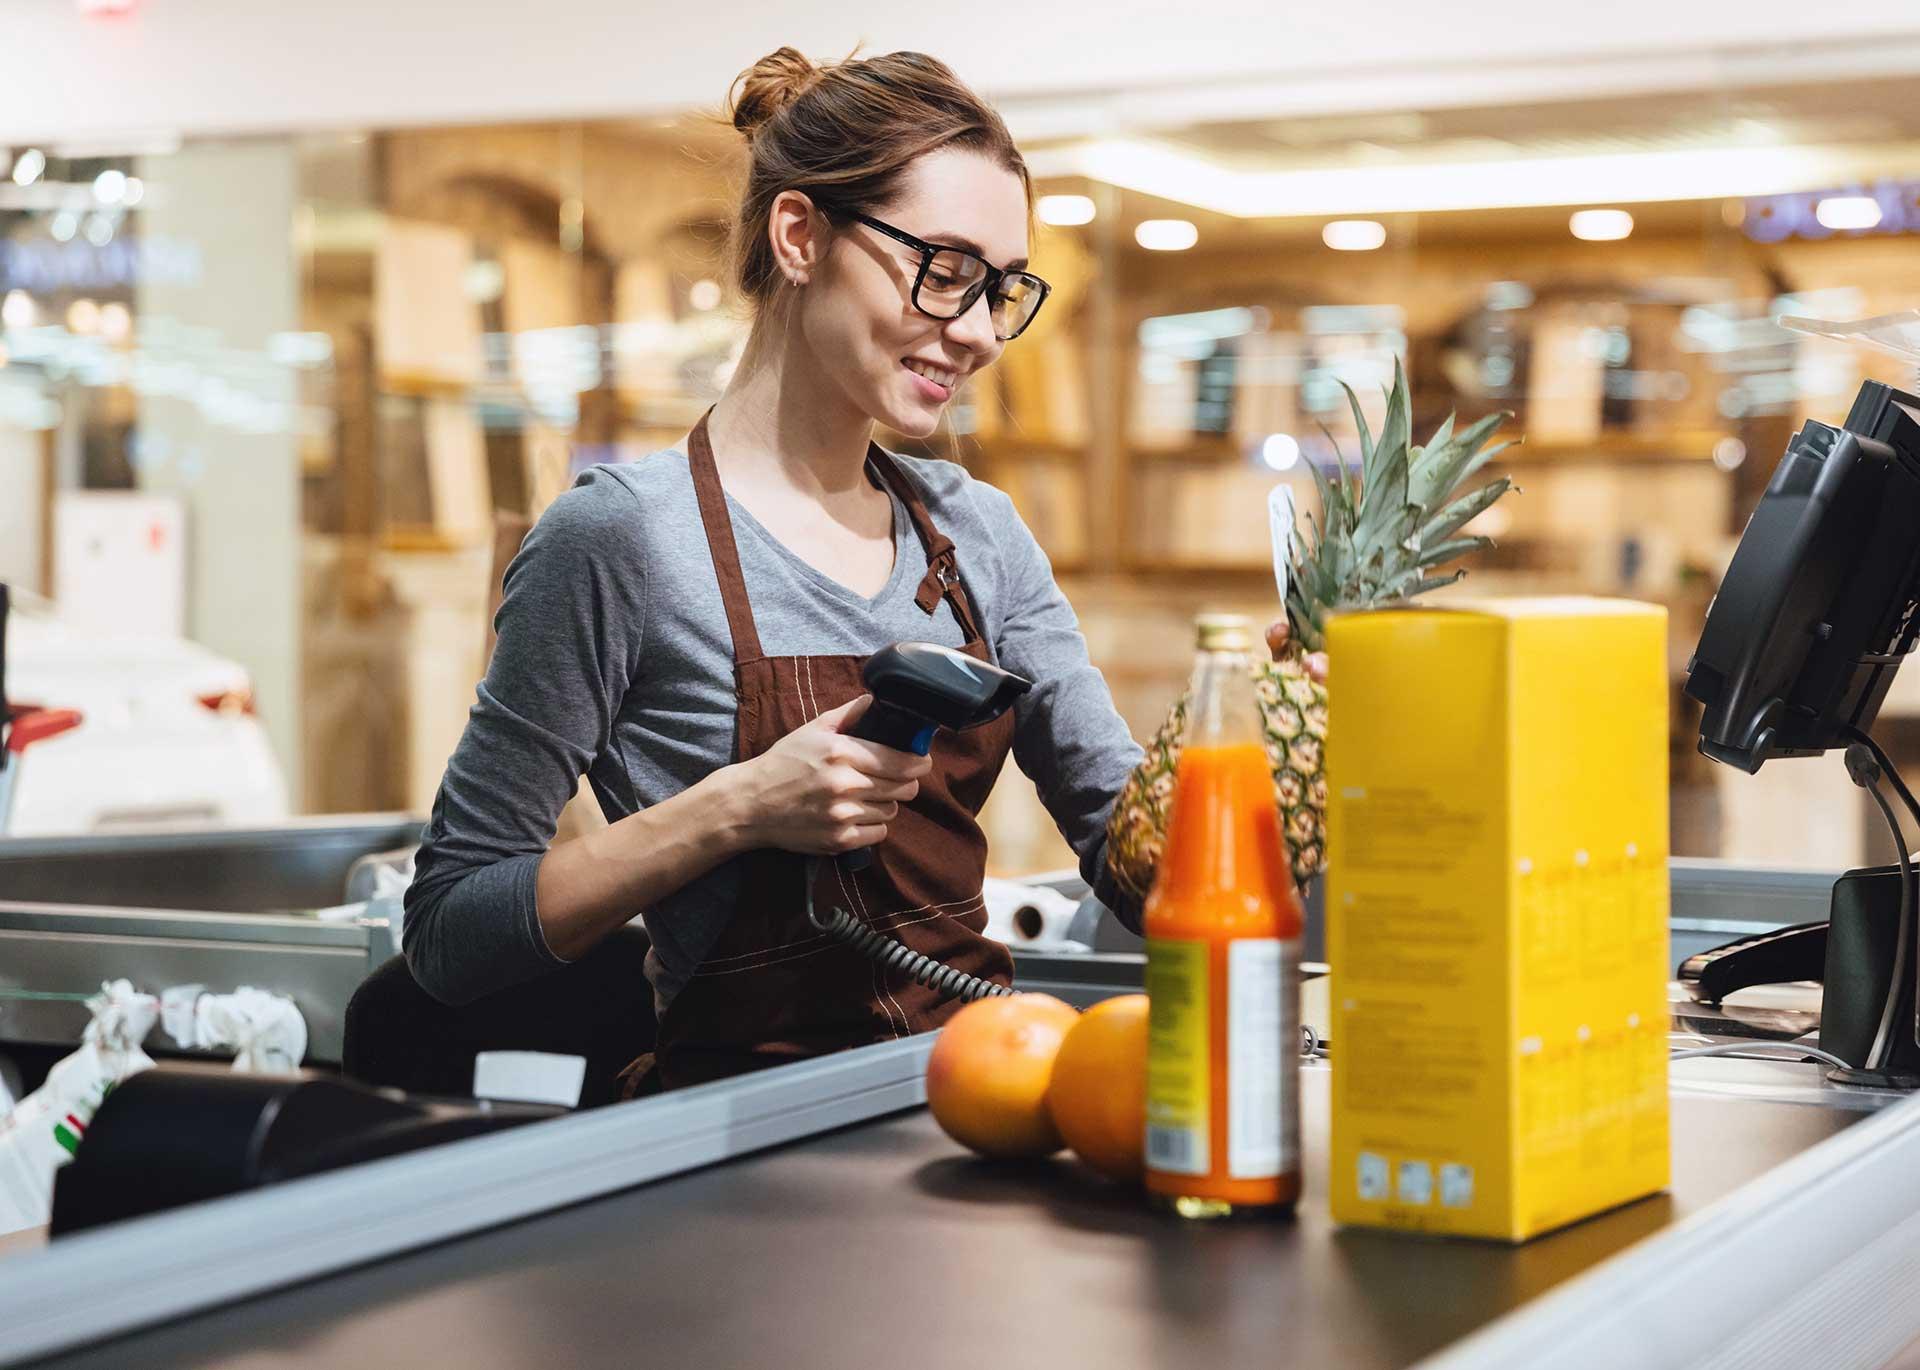 Franczyza sklep spożywczy – ile można zarobić?